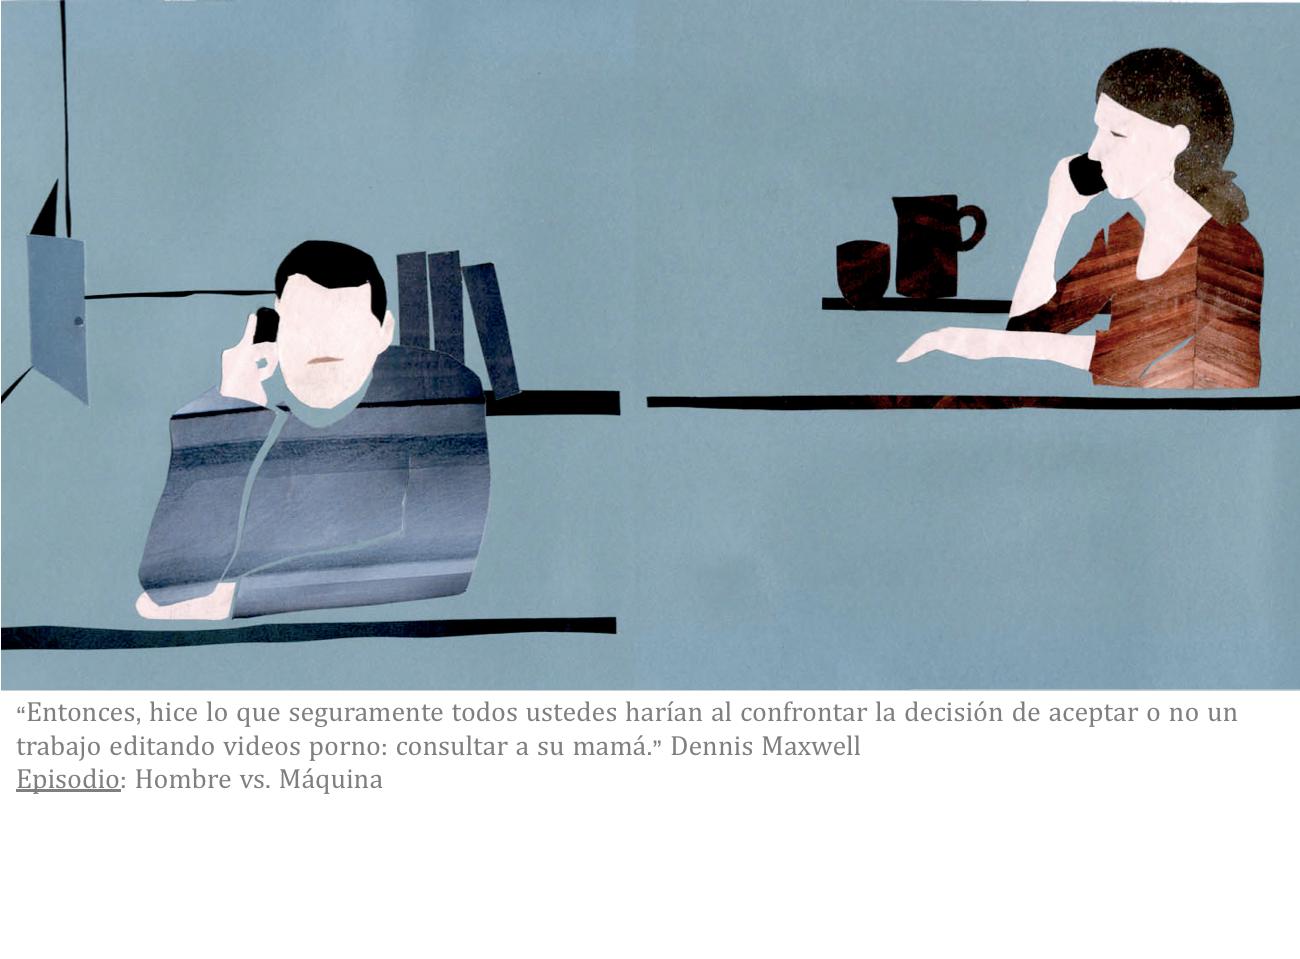 Hombre_vs_maquina.png